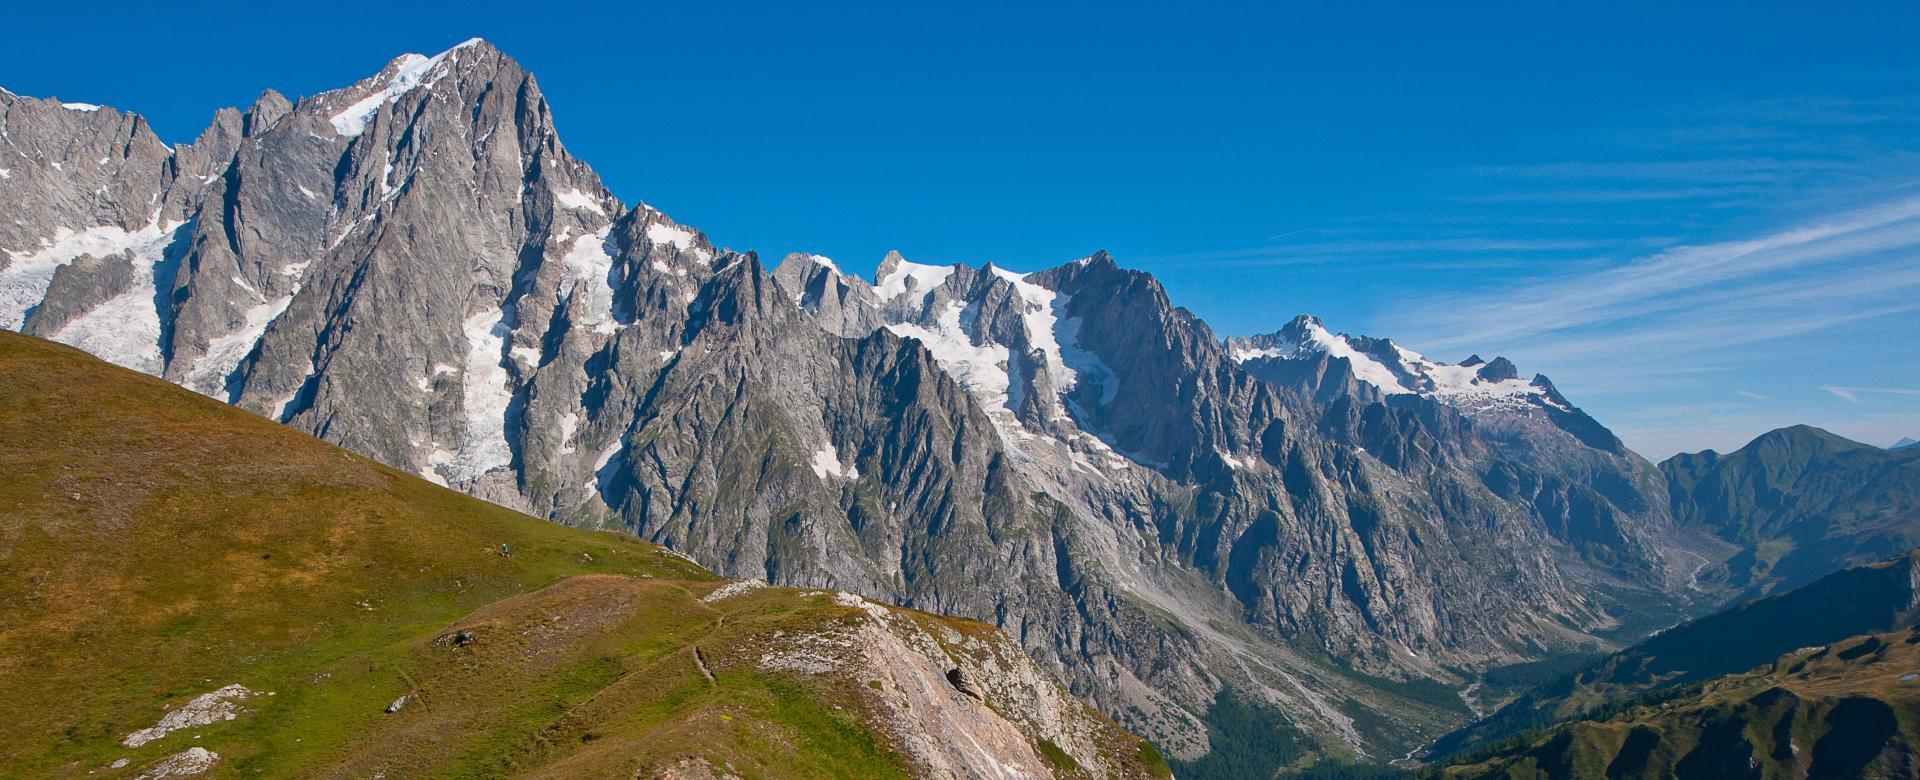 Trail : Mont Blanc : Trail en val d'aoste, mythique tor des géants